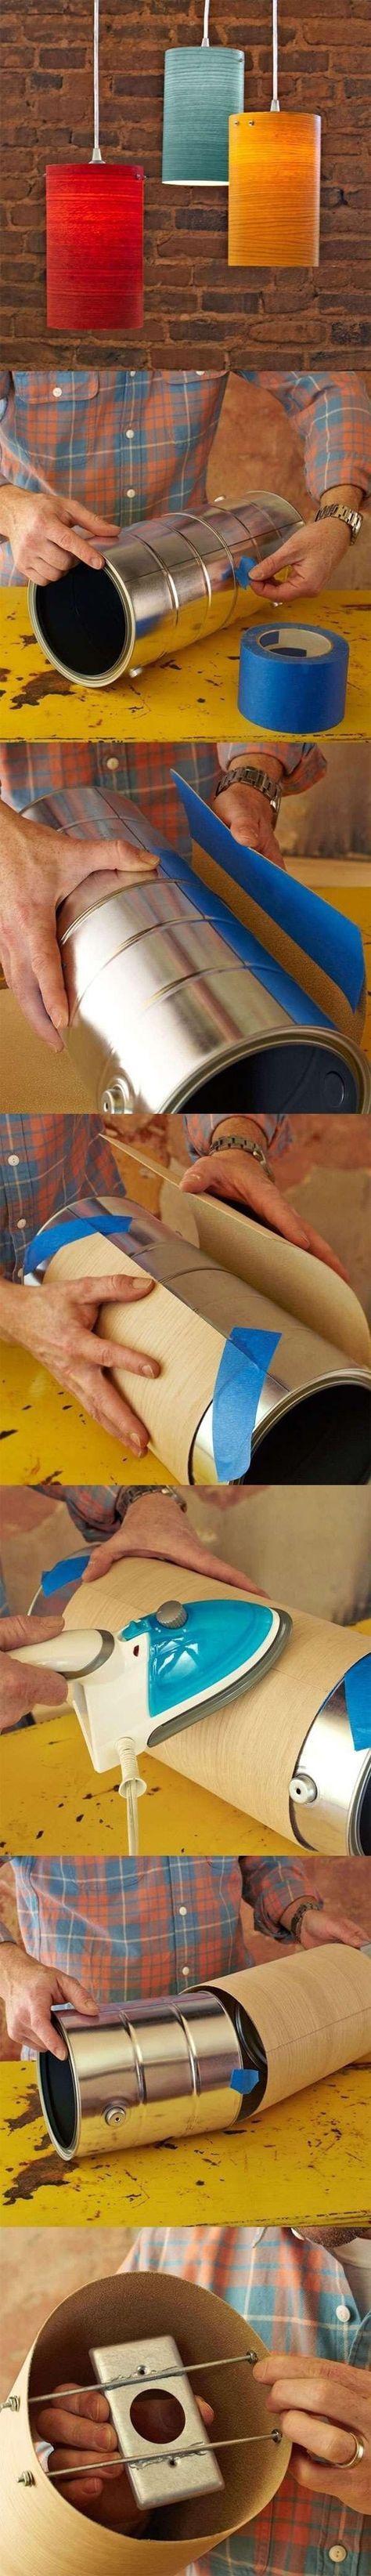 Una idea fantástica para fabricar una lámpara. Muy buen tutorial paso a paso, aunque puede ser difícil tener todos los materiales y herramientas necesarios.